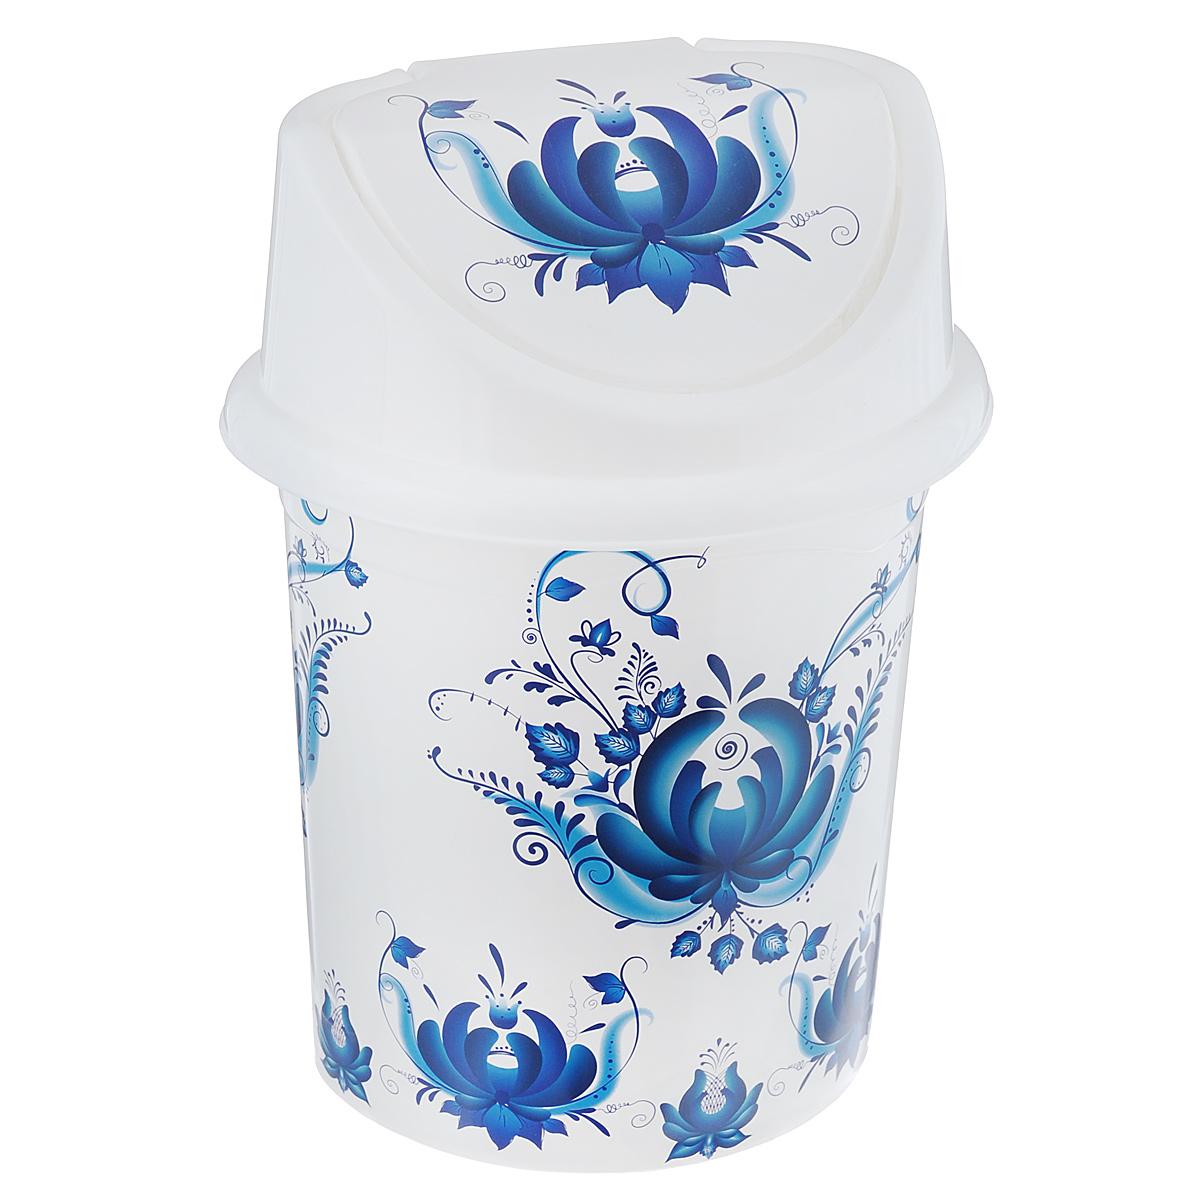 Контейнер для мусора Violet Гжель, цвет: белый, синий, 4 л531-105Контейнер для мусора Violet Гжель изготовлен из прочного пластика. Контейнер снабжен удобной съемной крышкой с подвижной перегородкой. В нем удобно хранить мелкий мусор. Благодаря стильному дизайну такой контейнер идеально впишется в интерьер и дома, и офиса.Размер изделия: 16 см x 20 см x 27 см.